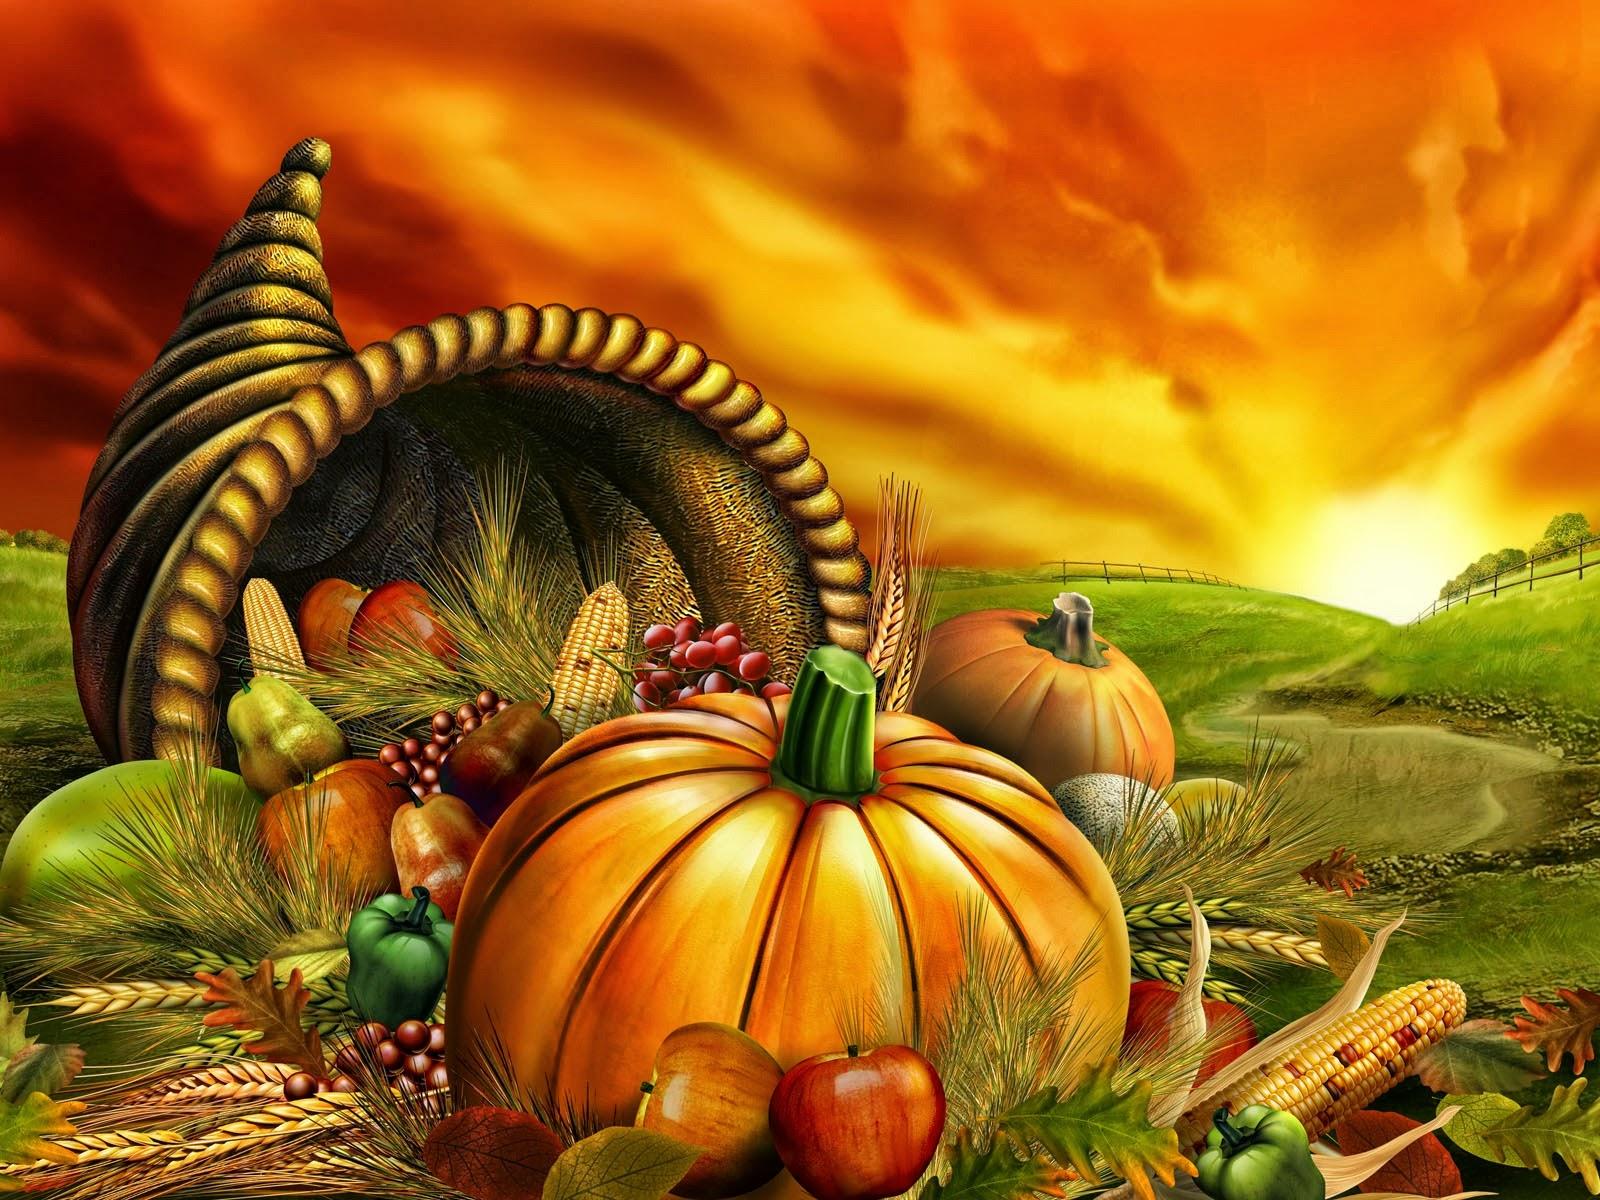 Праздник урожая Осенины 2018 поздравления в прозе 93